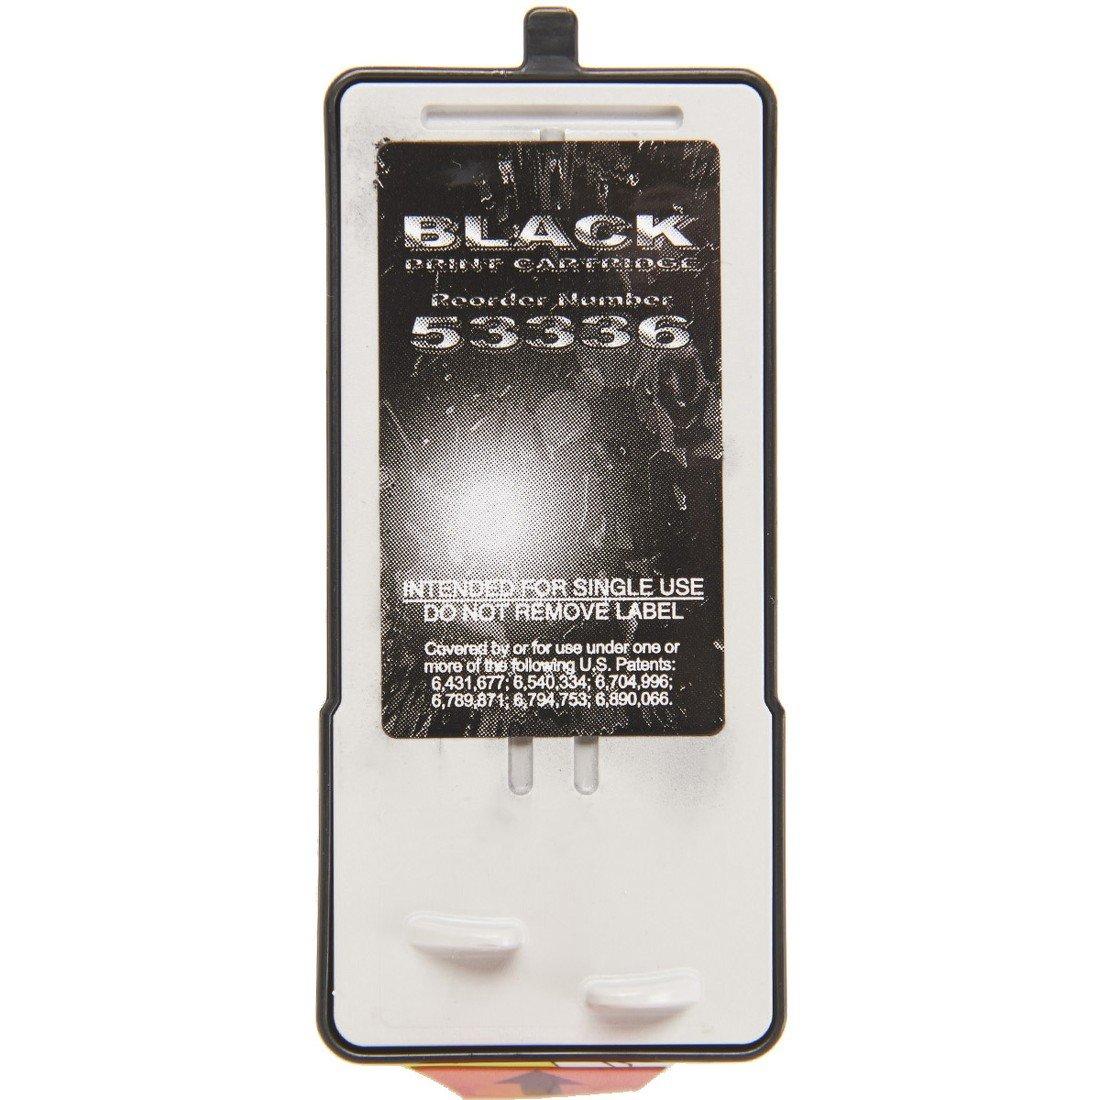 PRIMERA 053336 Negro cartucho de tinta tinta de - Cartucho de tinta para impresoras (Negro, BravoPro, 1 pieza(s)) 573a6b